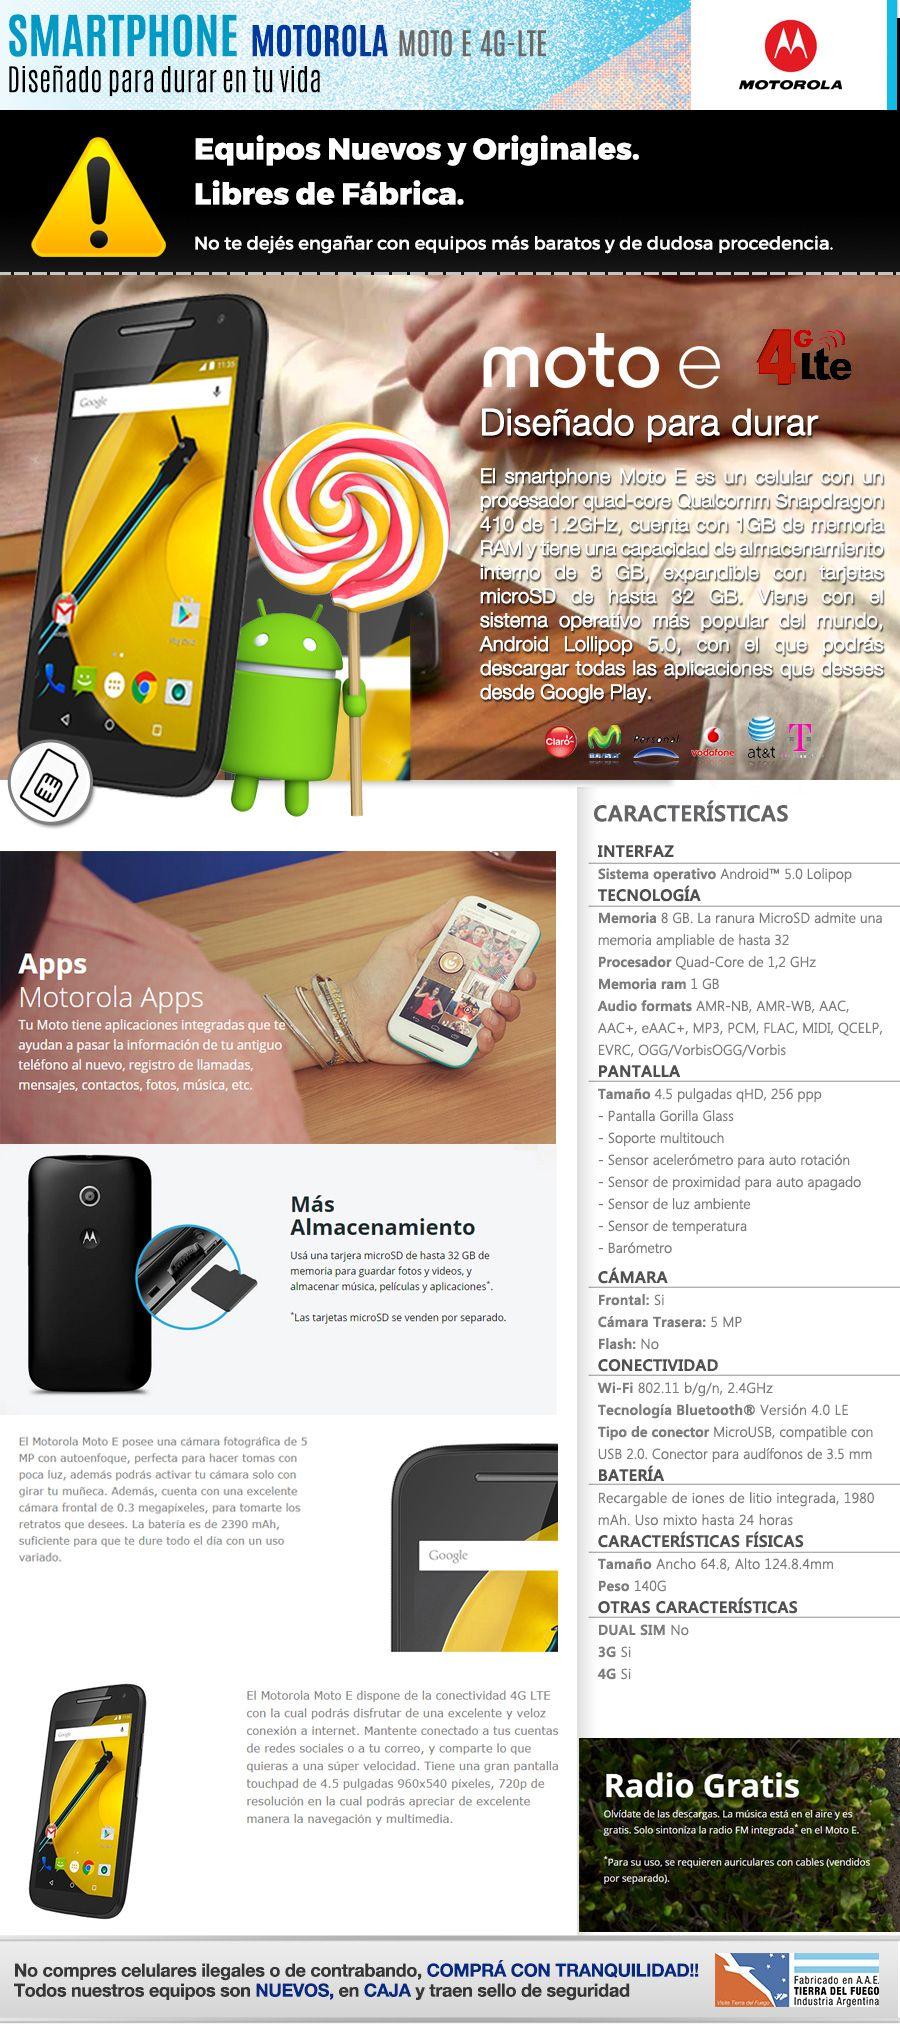 Motorola Moto E 4g Lte Libre Gps Cámara Quad-core Nuevo Gtia - $ 2.699,00 en MercadoLibre